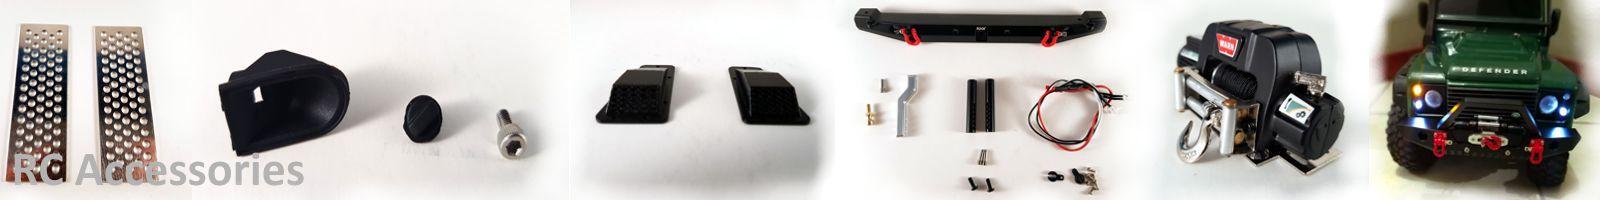 Slider-Accessories